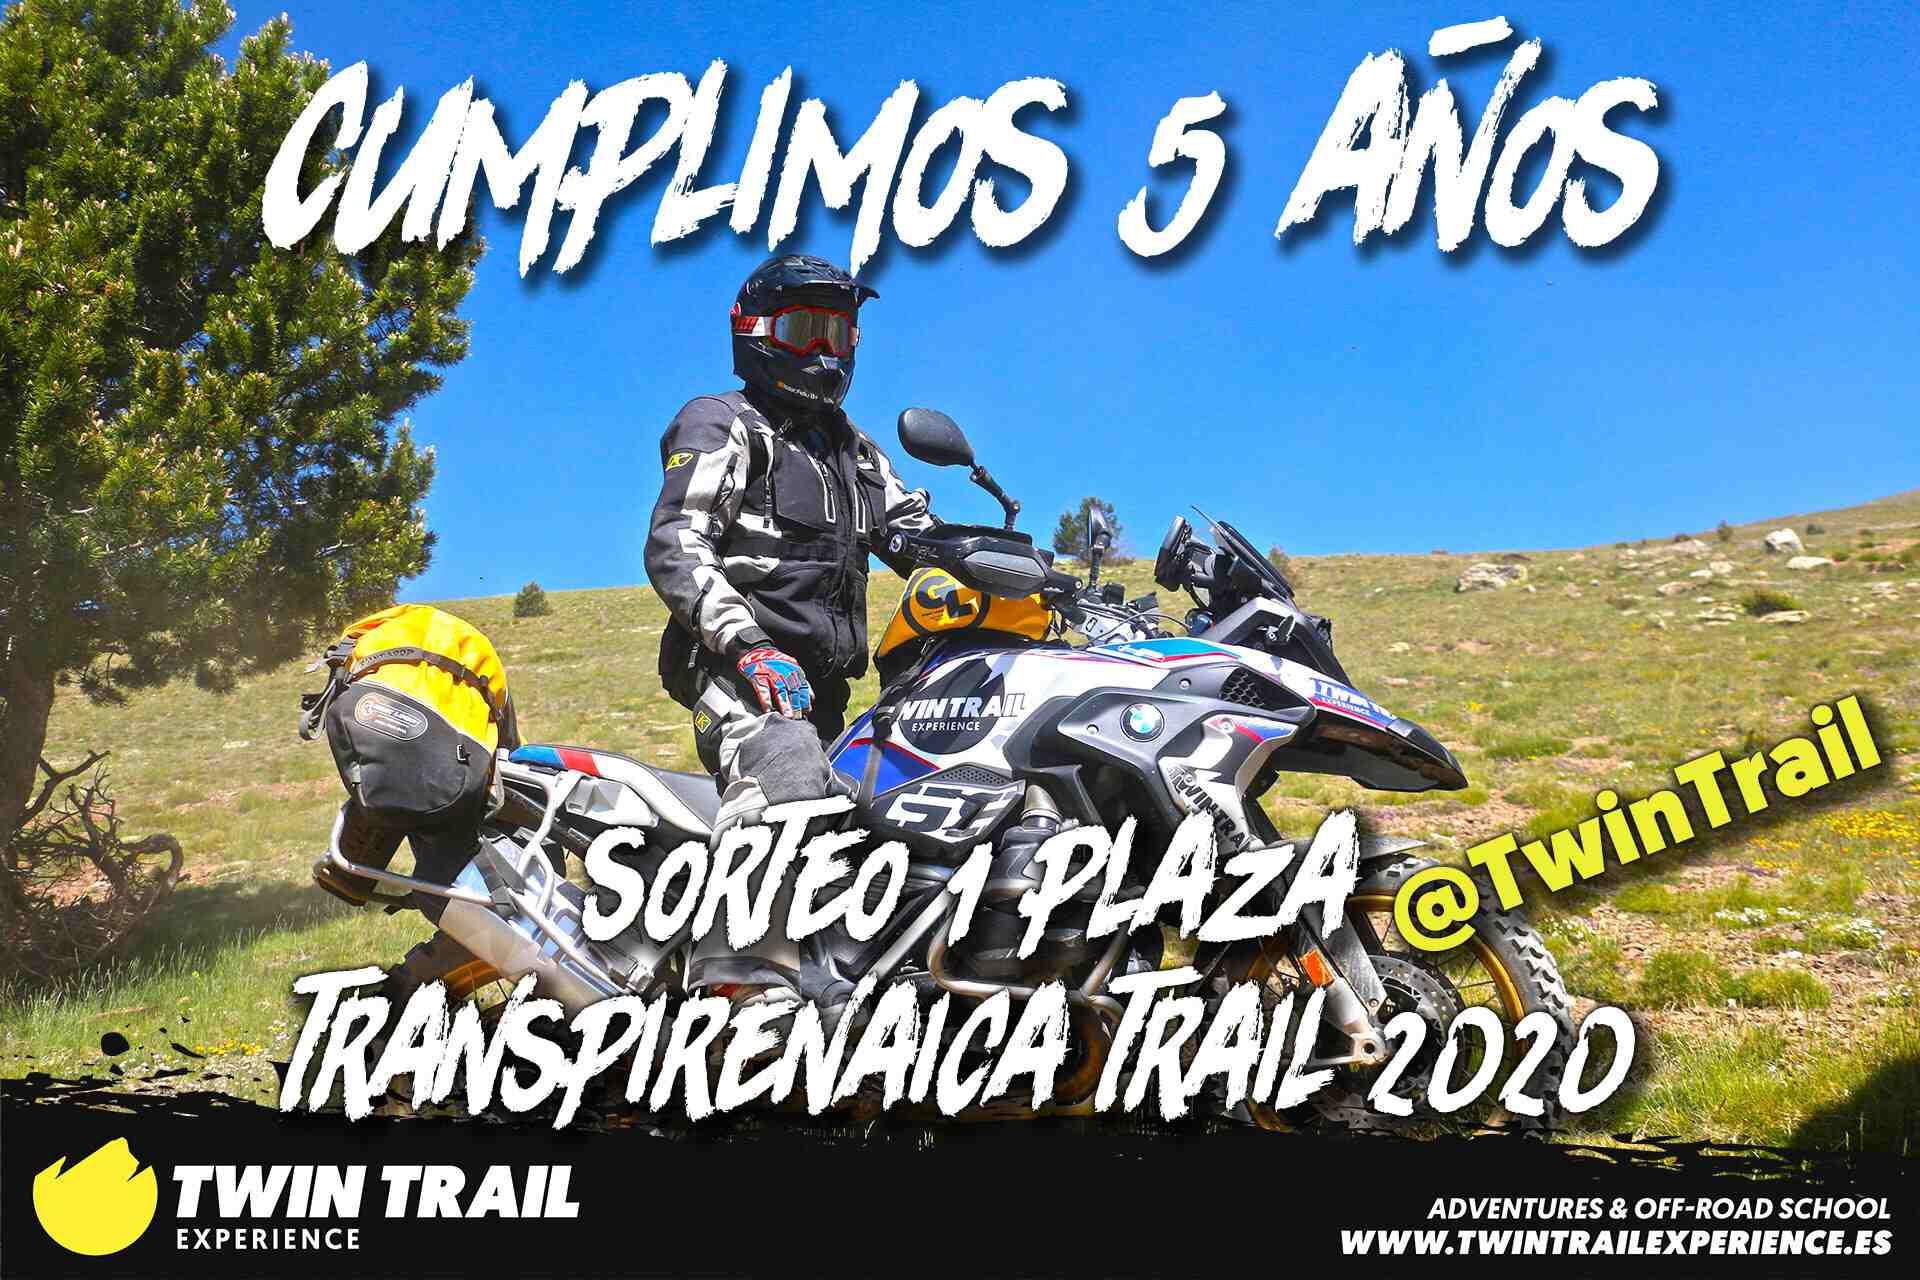 ¡TwinTrail Cumple 5 años! Sorteamos una plaza para la Transpirenaica Trail 2020